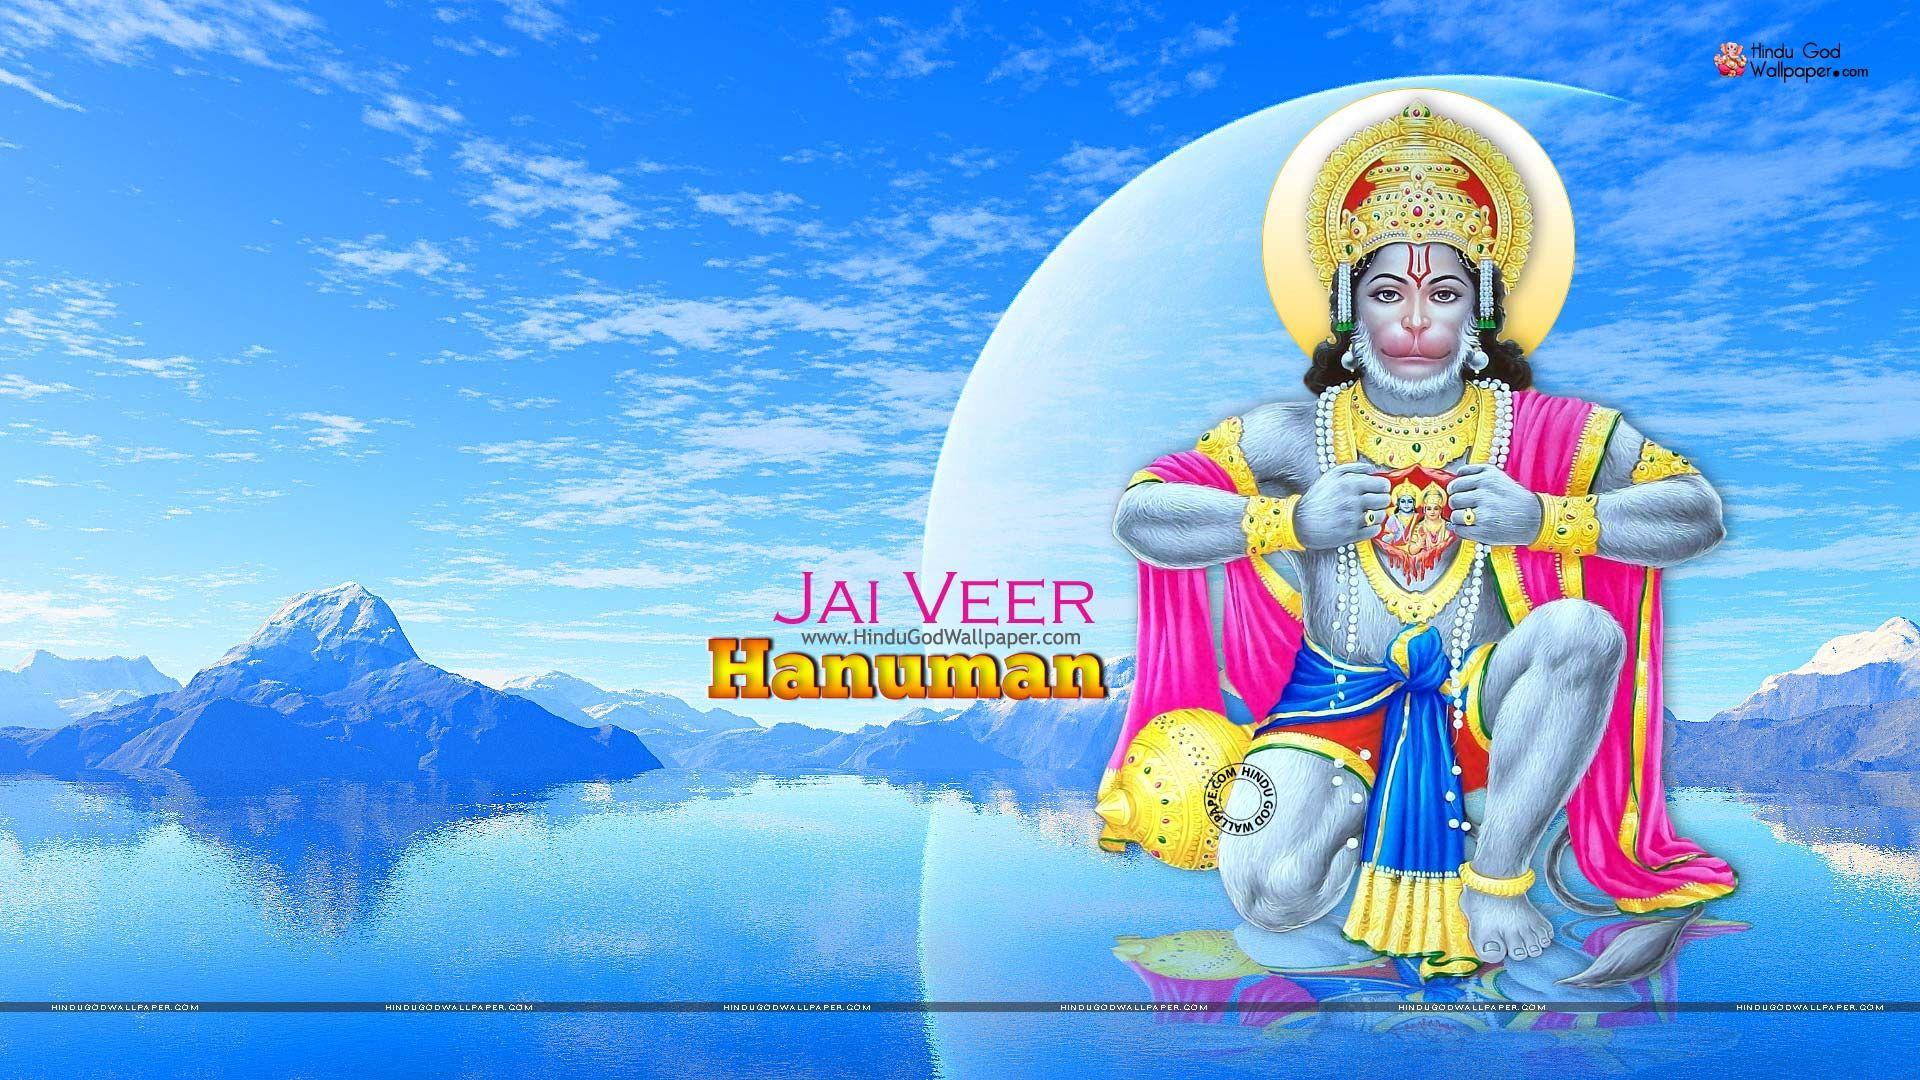 Lord Hanuman HD wallpaper for download in laptop and desktop